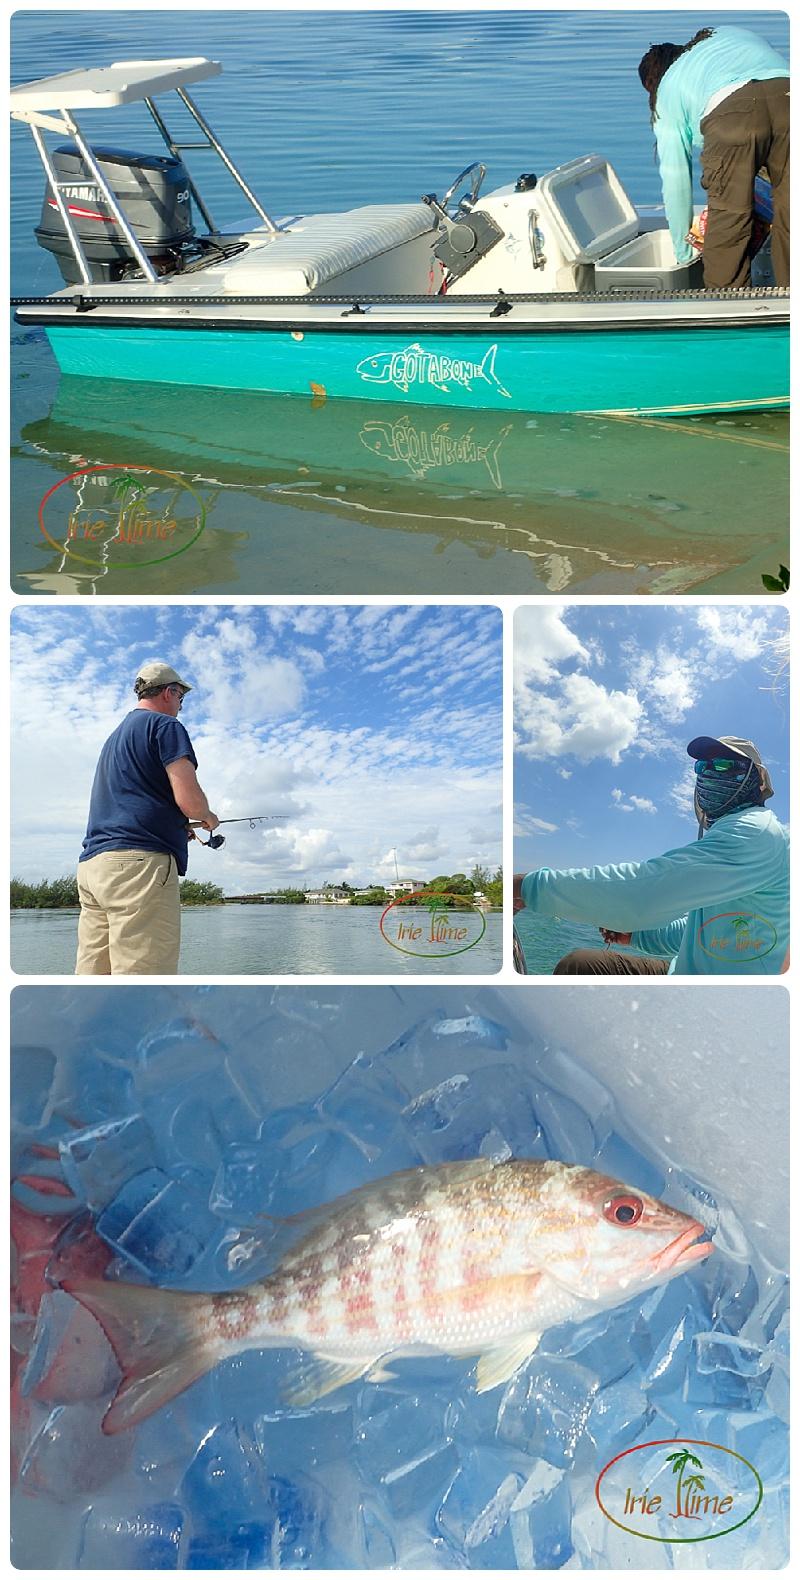 Bonefishing in Andros Bahamas #bahamas #kamalamecay #iheartkamalame #honeymoon